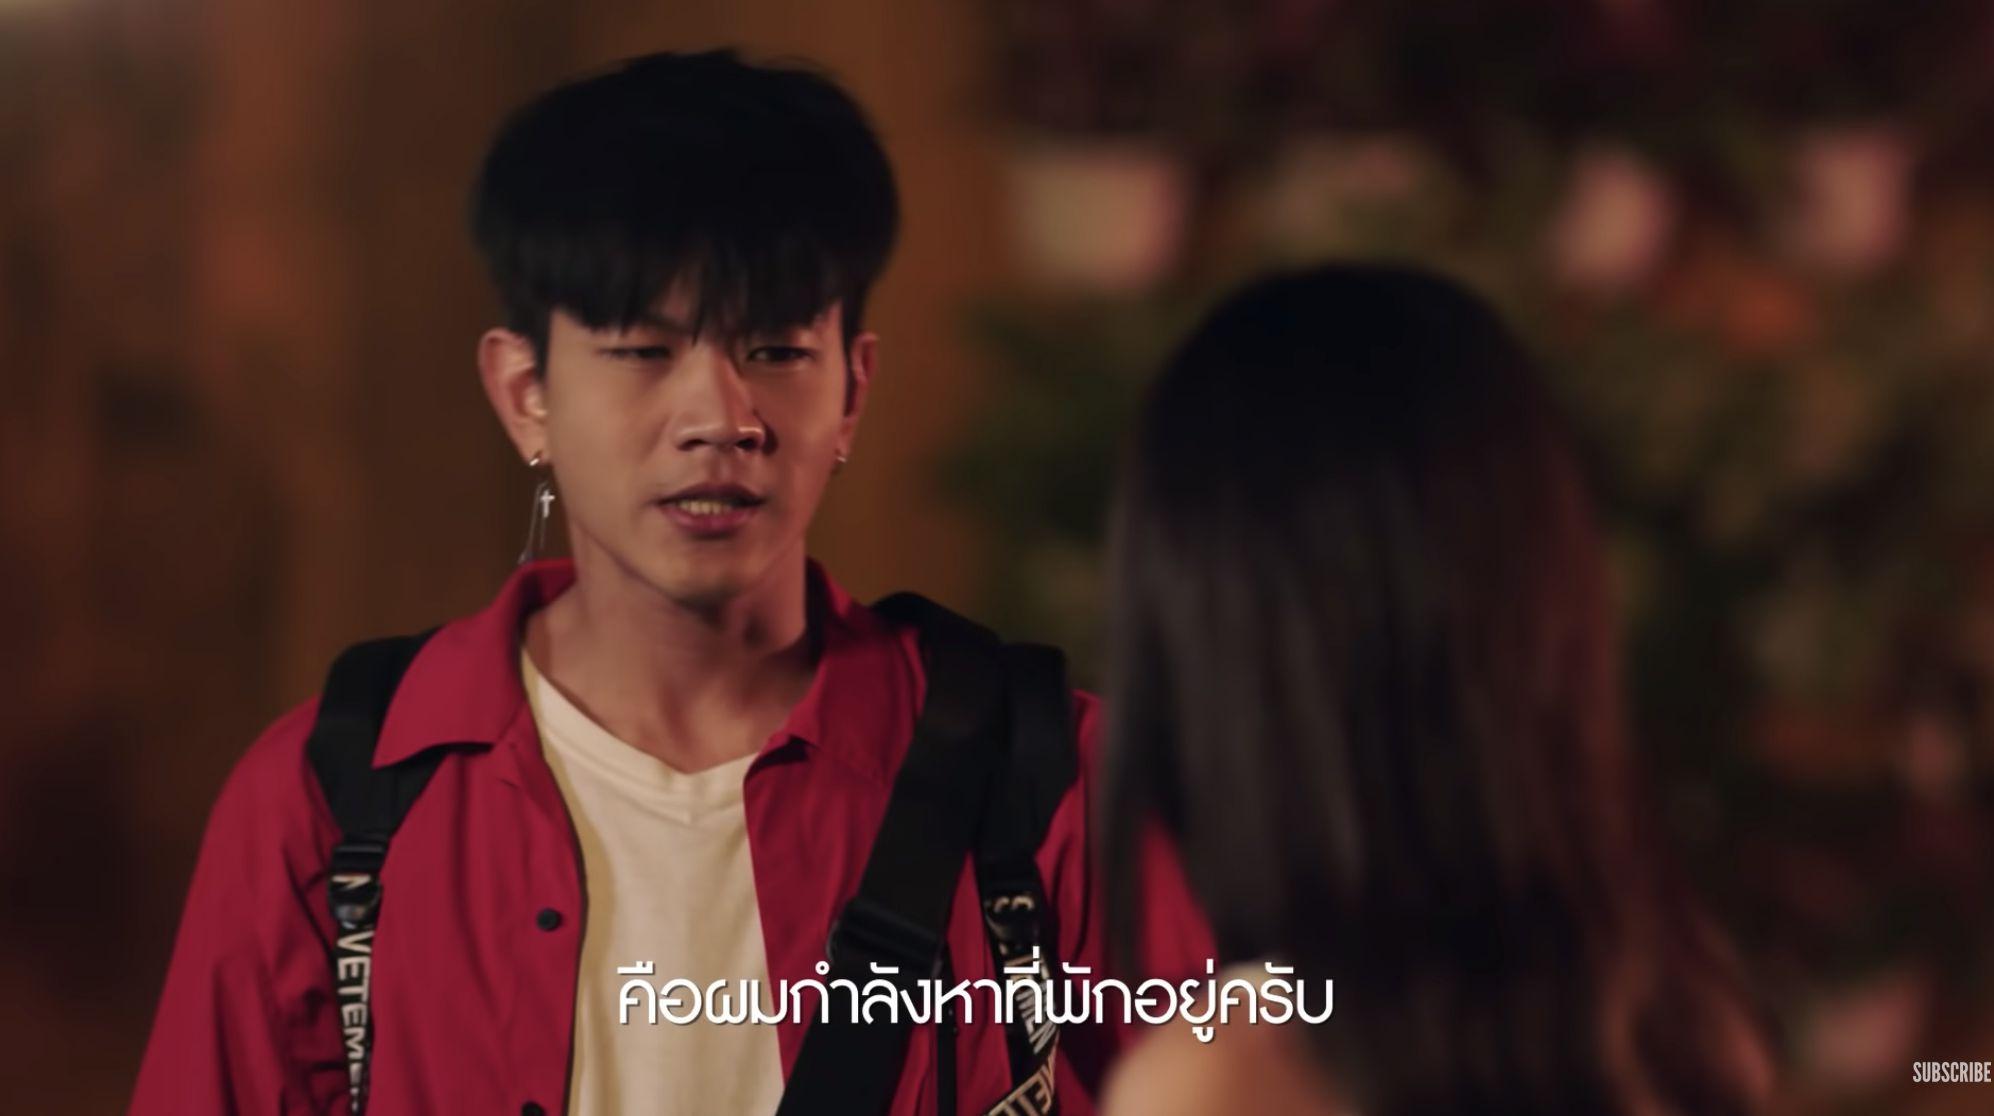 Phim Wolf (Trò Chơi Săn Người) Thái Lan hút khán giả ngay khi lên sóng (4)